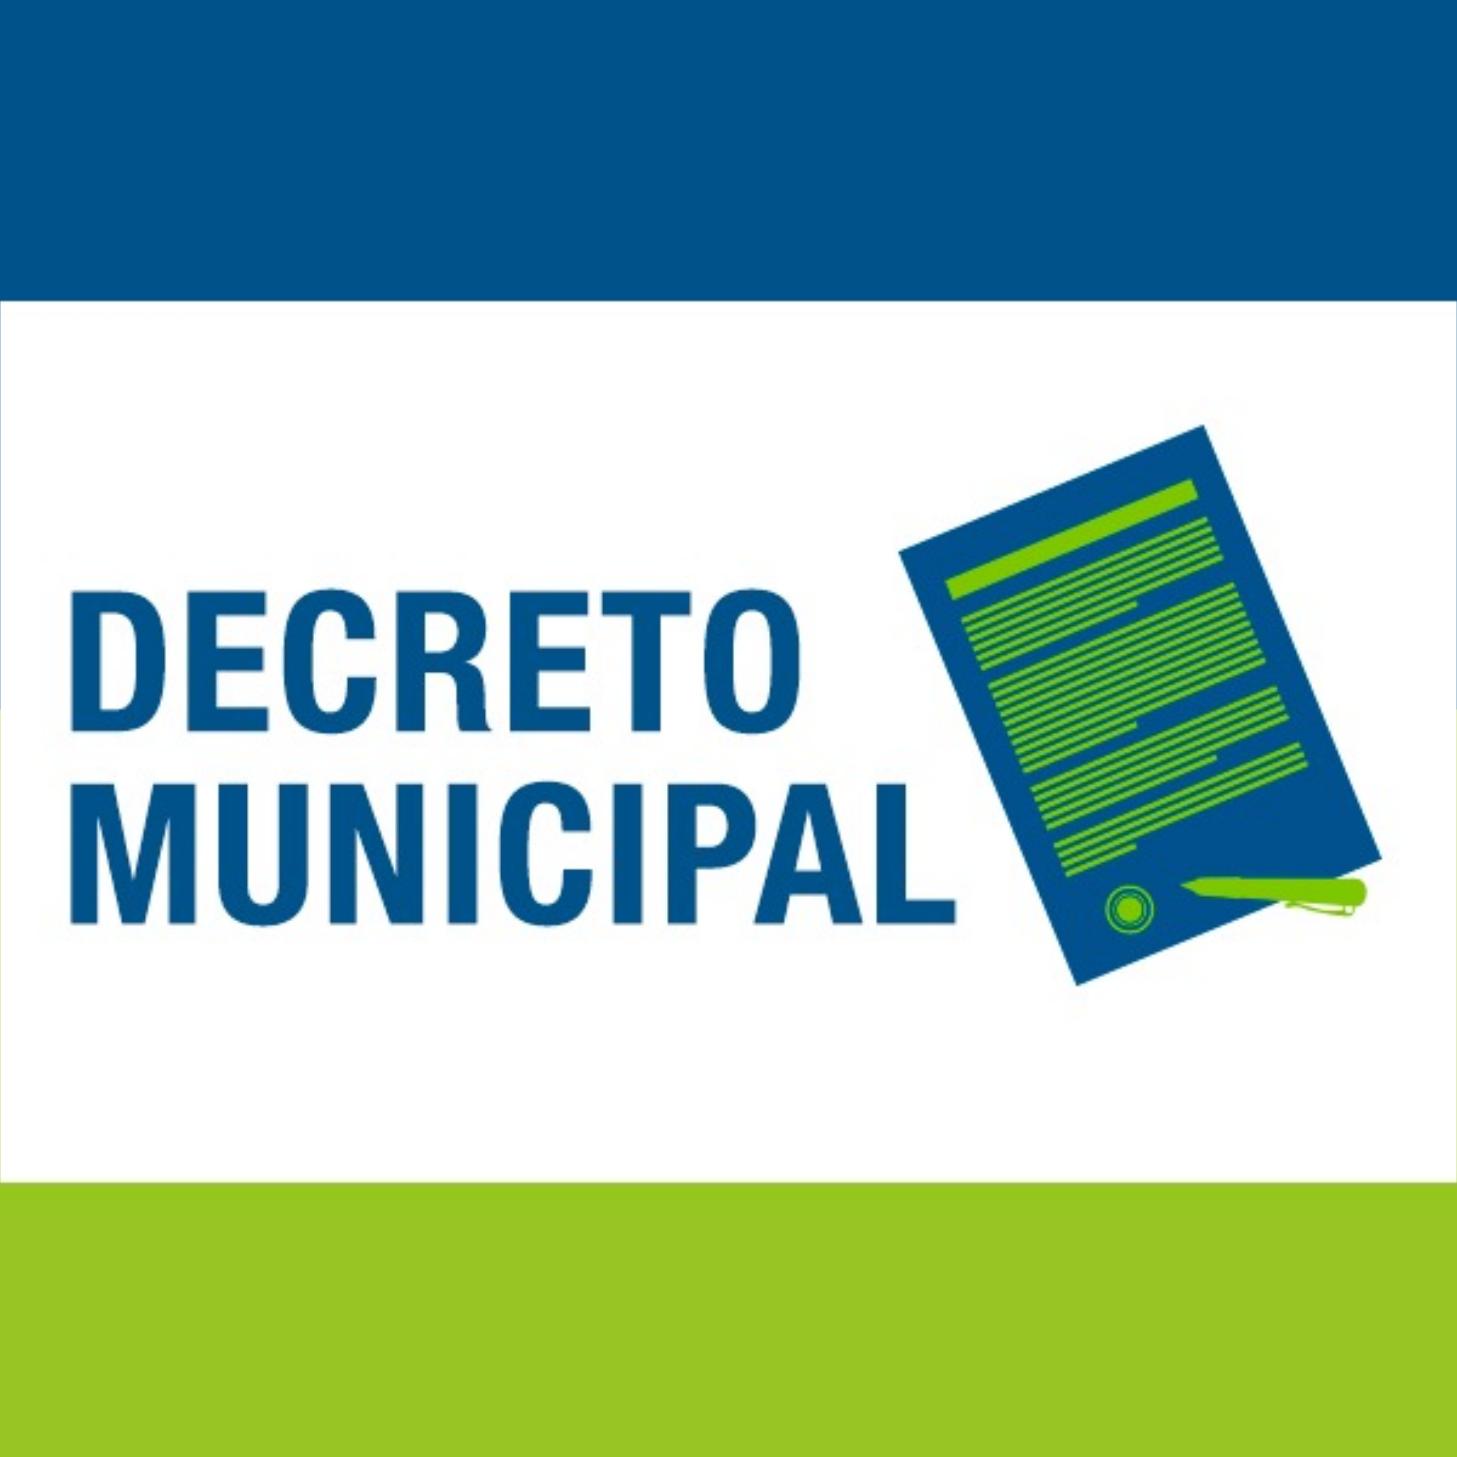 DECRETO MUNICIPAL Nº 38 DE 30 DE MARÇO DE 2021 – Decreta Ponto Facultativo para os Servidores Públicos Municipais da Prefeitura de Rio Vermelho/MG, no dia 01 de abril de 2021